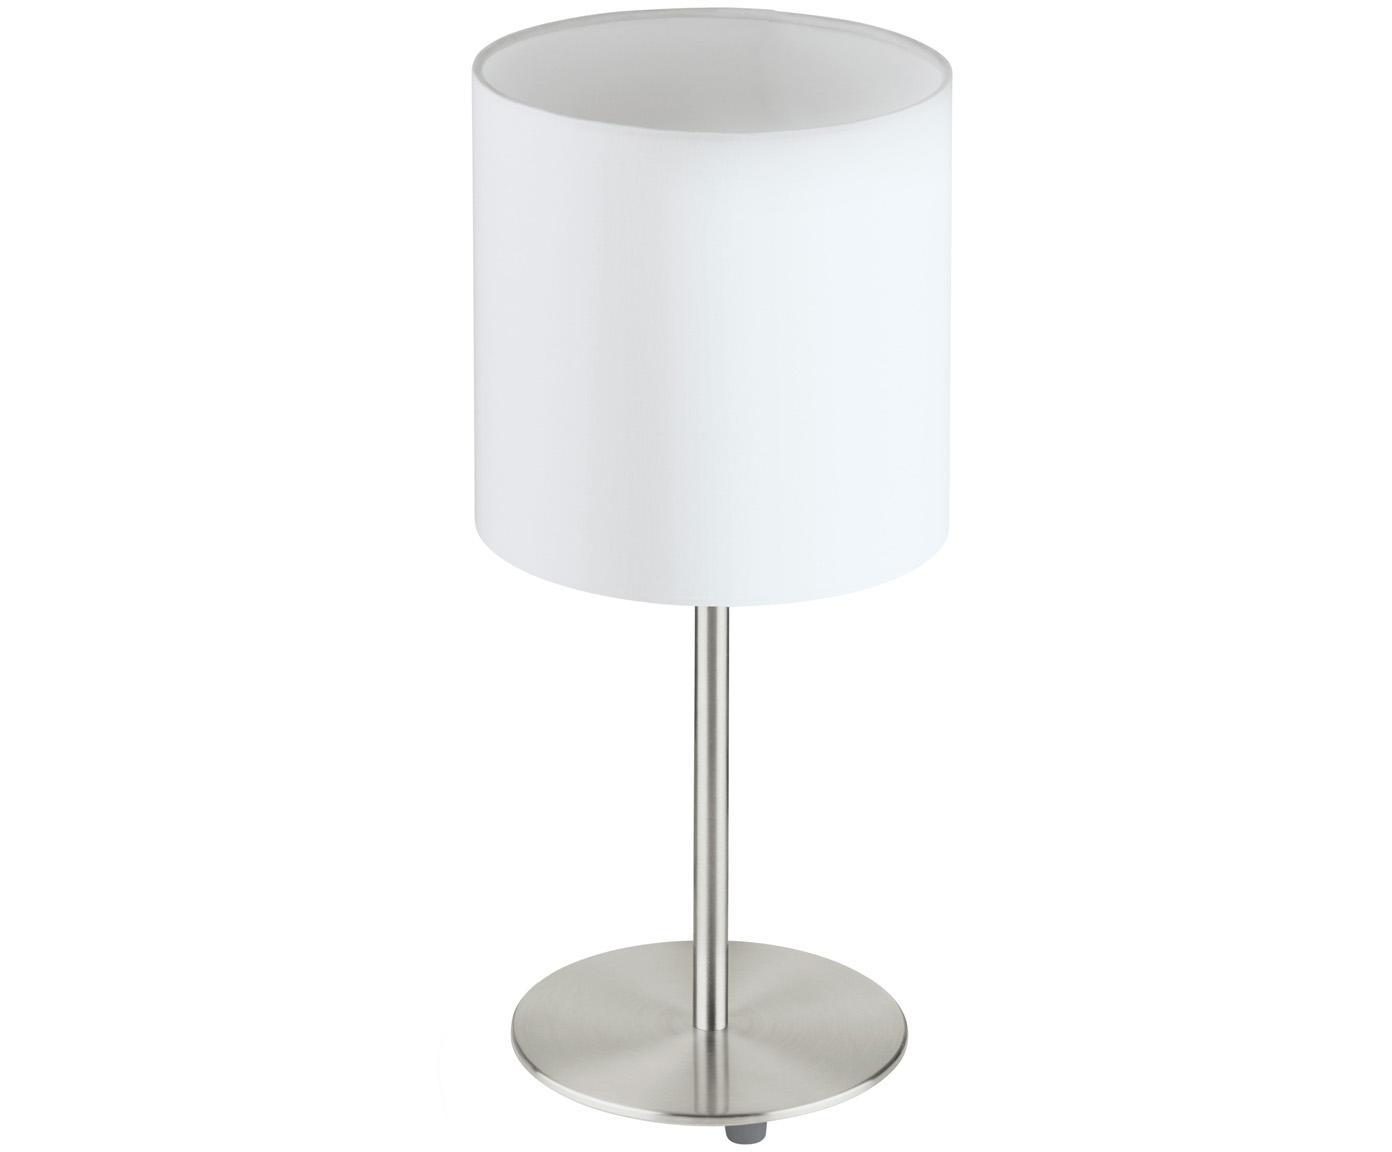 Tischleuchte Mick, Lampenschirm: Textil, Lampenfuß: Metall, vernickelt, Weiß,Silberfarben, ∅ 18 x H 40 cm